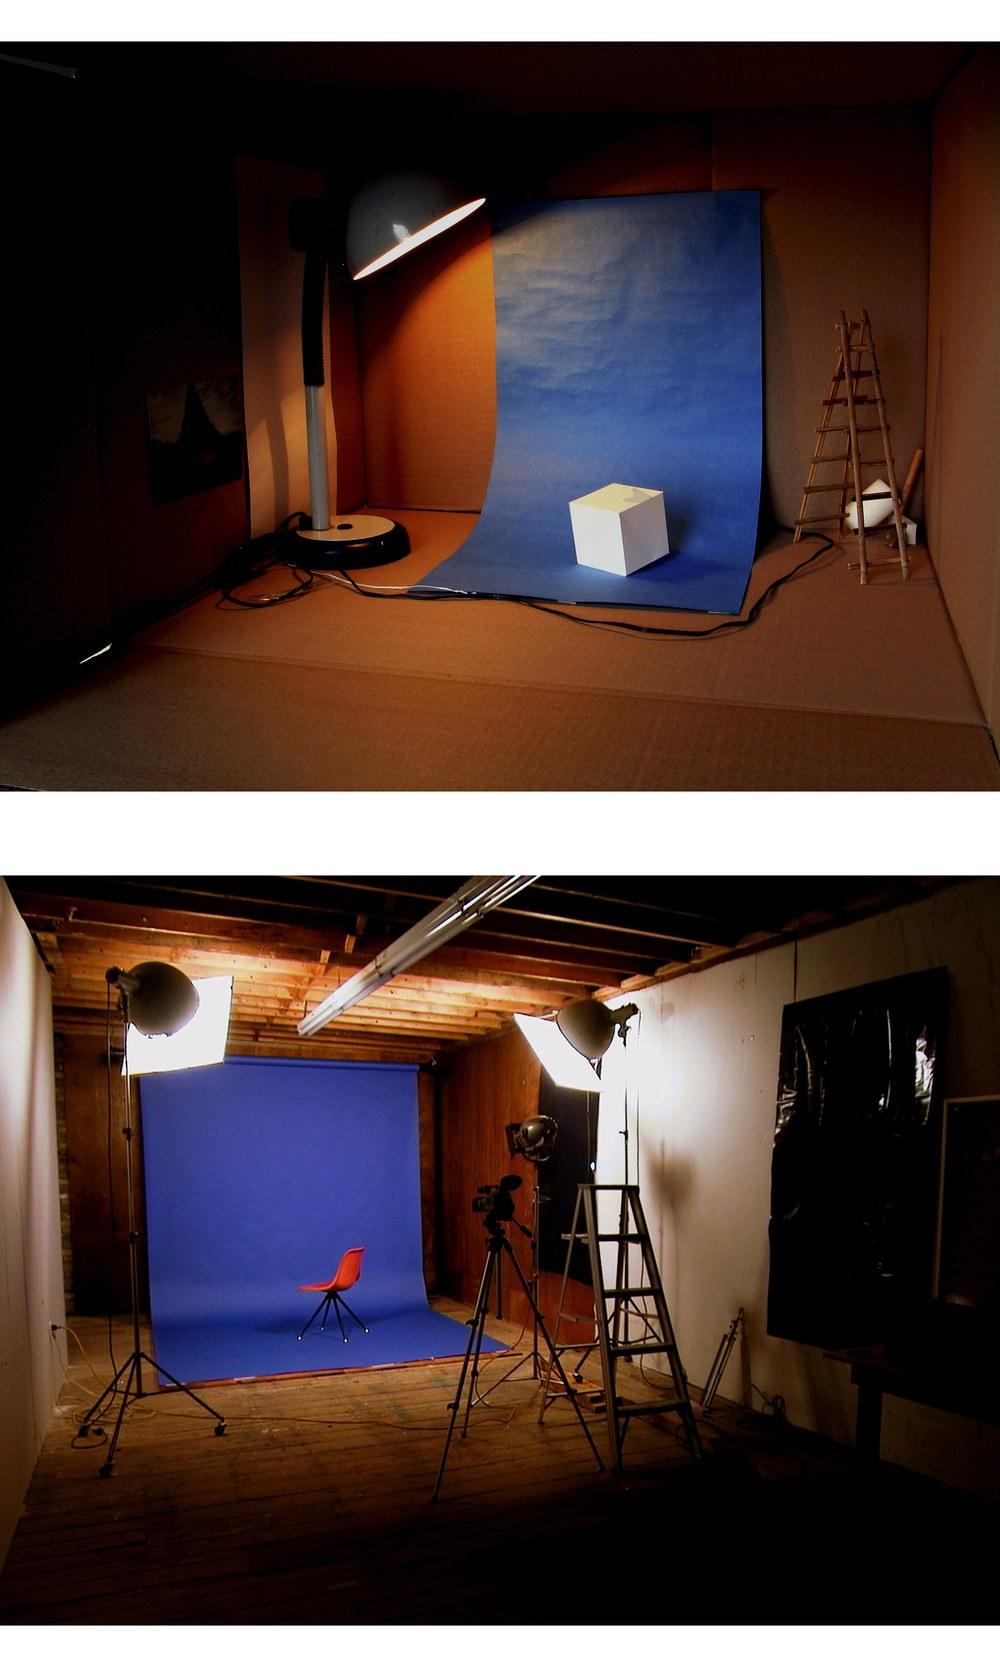 """Wyn Geleynse, Pairing 24, digital photograph, 16"""" x 20"""", 2015"""